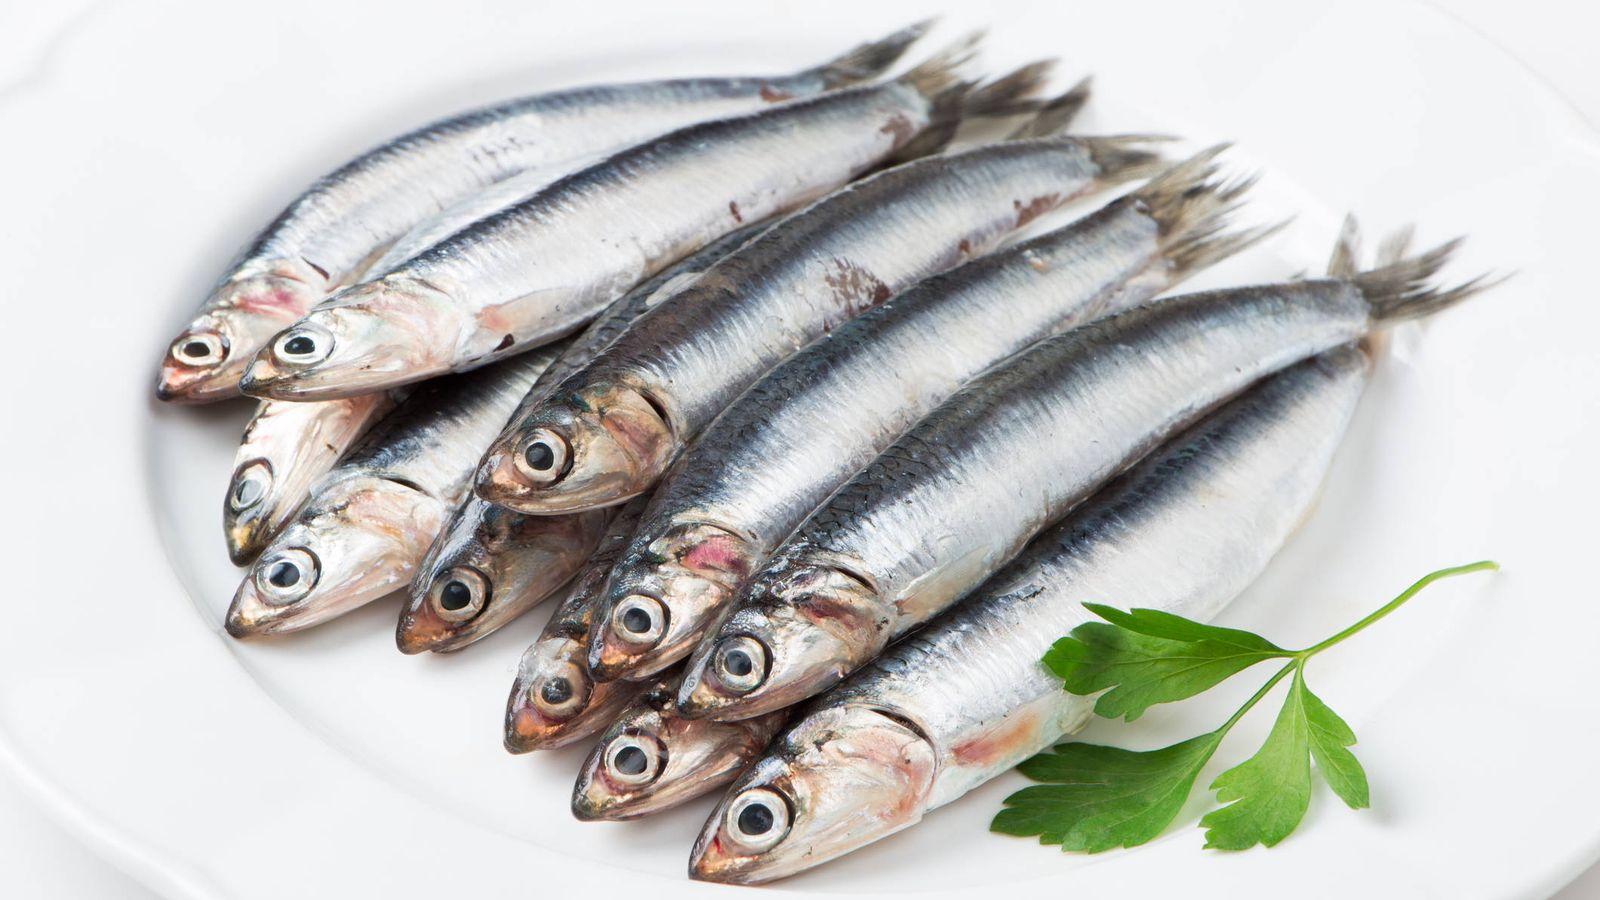 Pescado azul: ¿Pescado azul o pescado blanco? Cómo diferenciarlos y cuáles son sus beneficios